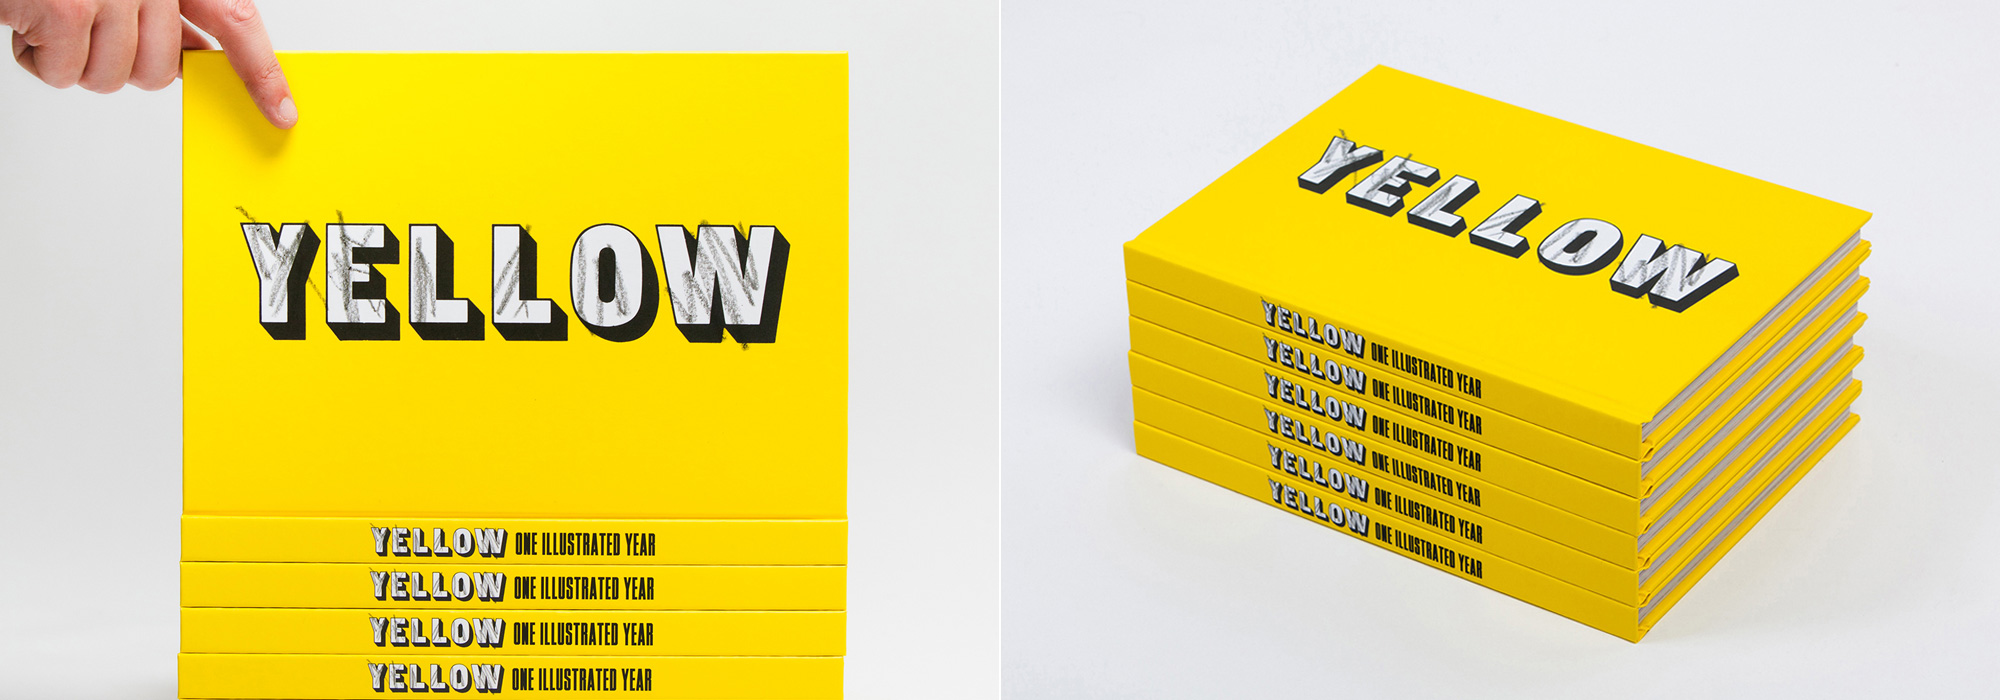 yellow-12.jpg